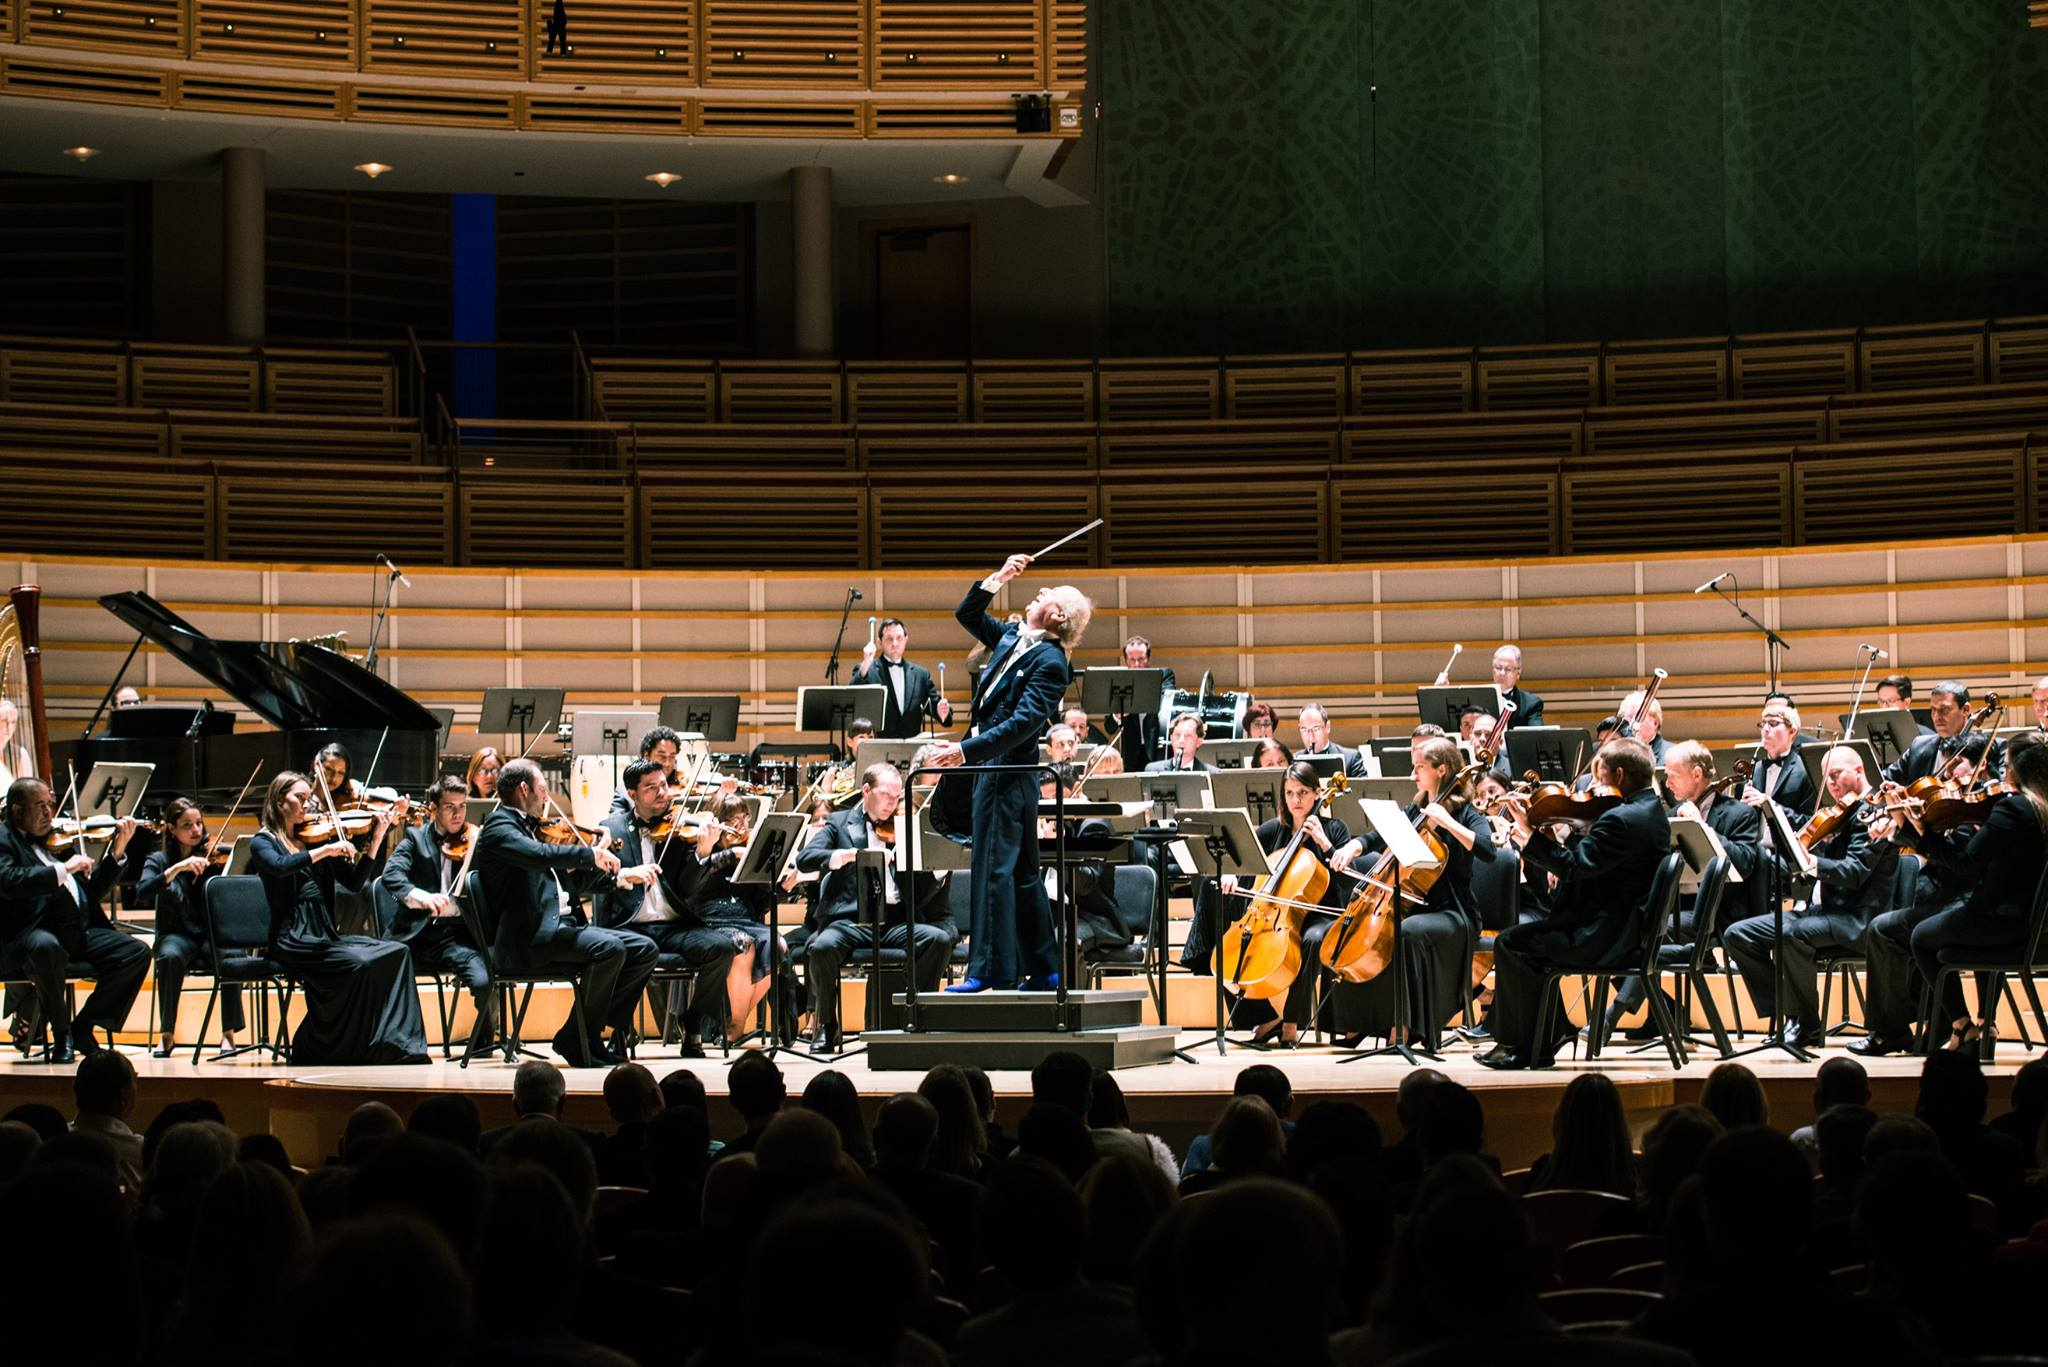 La Orquesta Sinfónica de Miami Regresa el 23 de Octubre con Concierto 'Grand Season Opening'